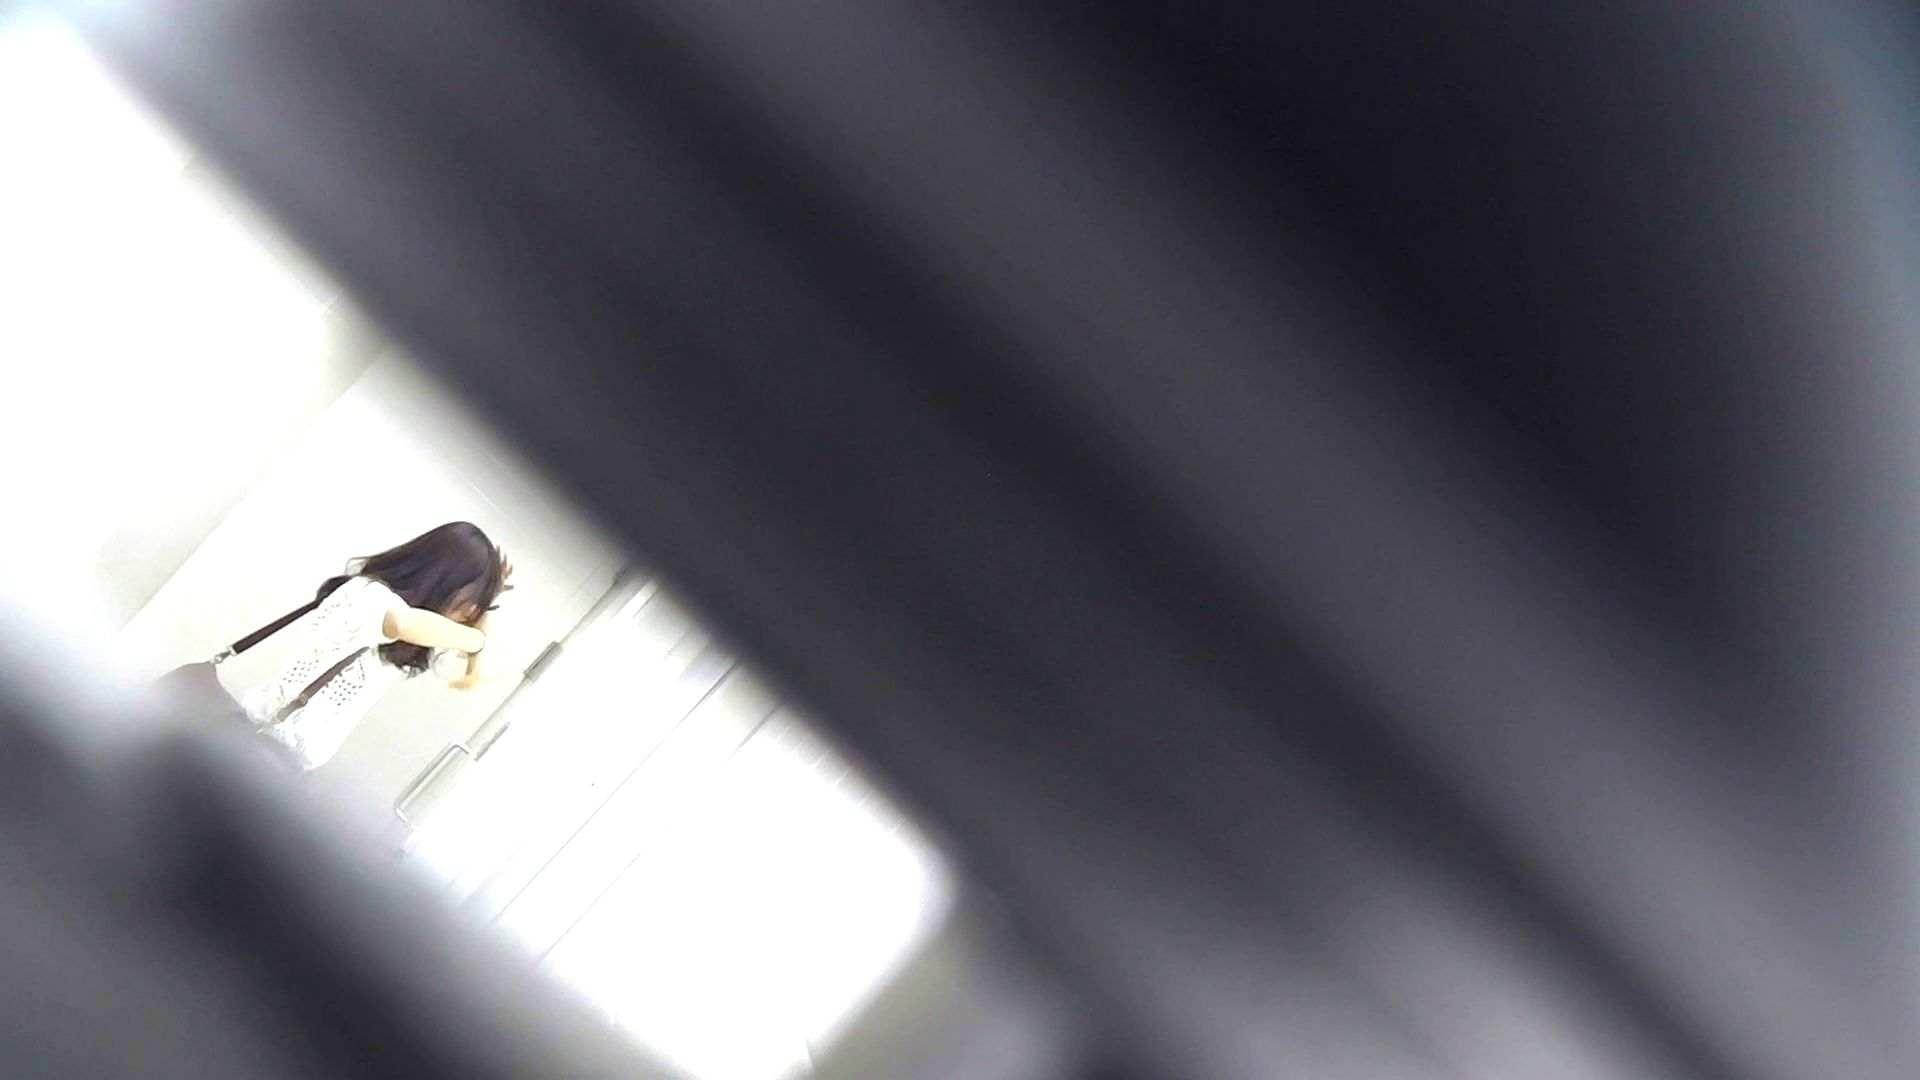 vol.03 命がけ潜伏洗面所! 薄毛がたまりません。 プライベート  73pic 52